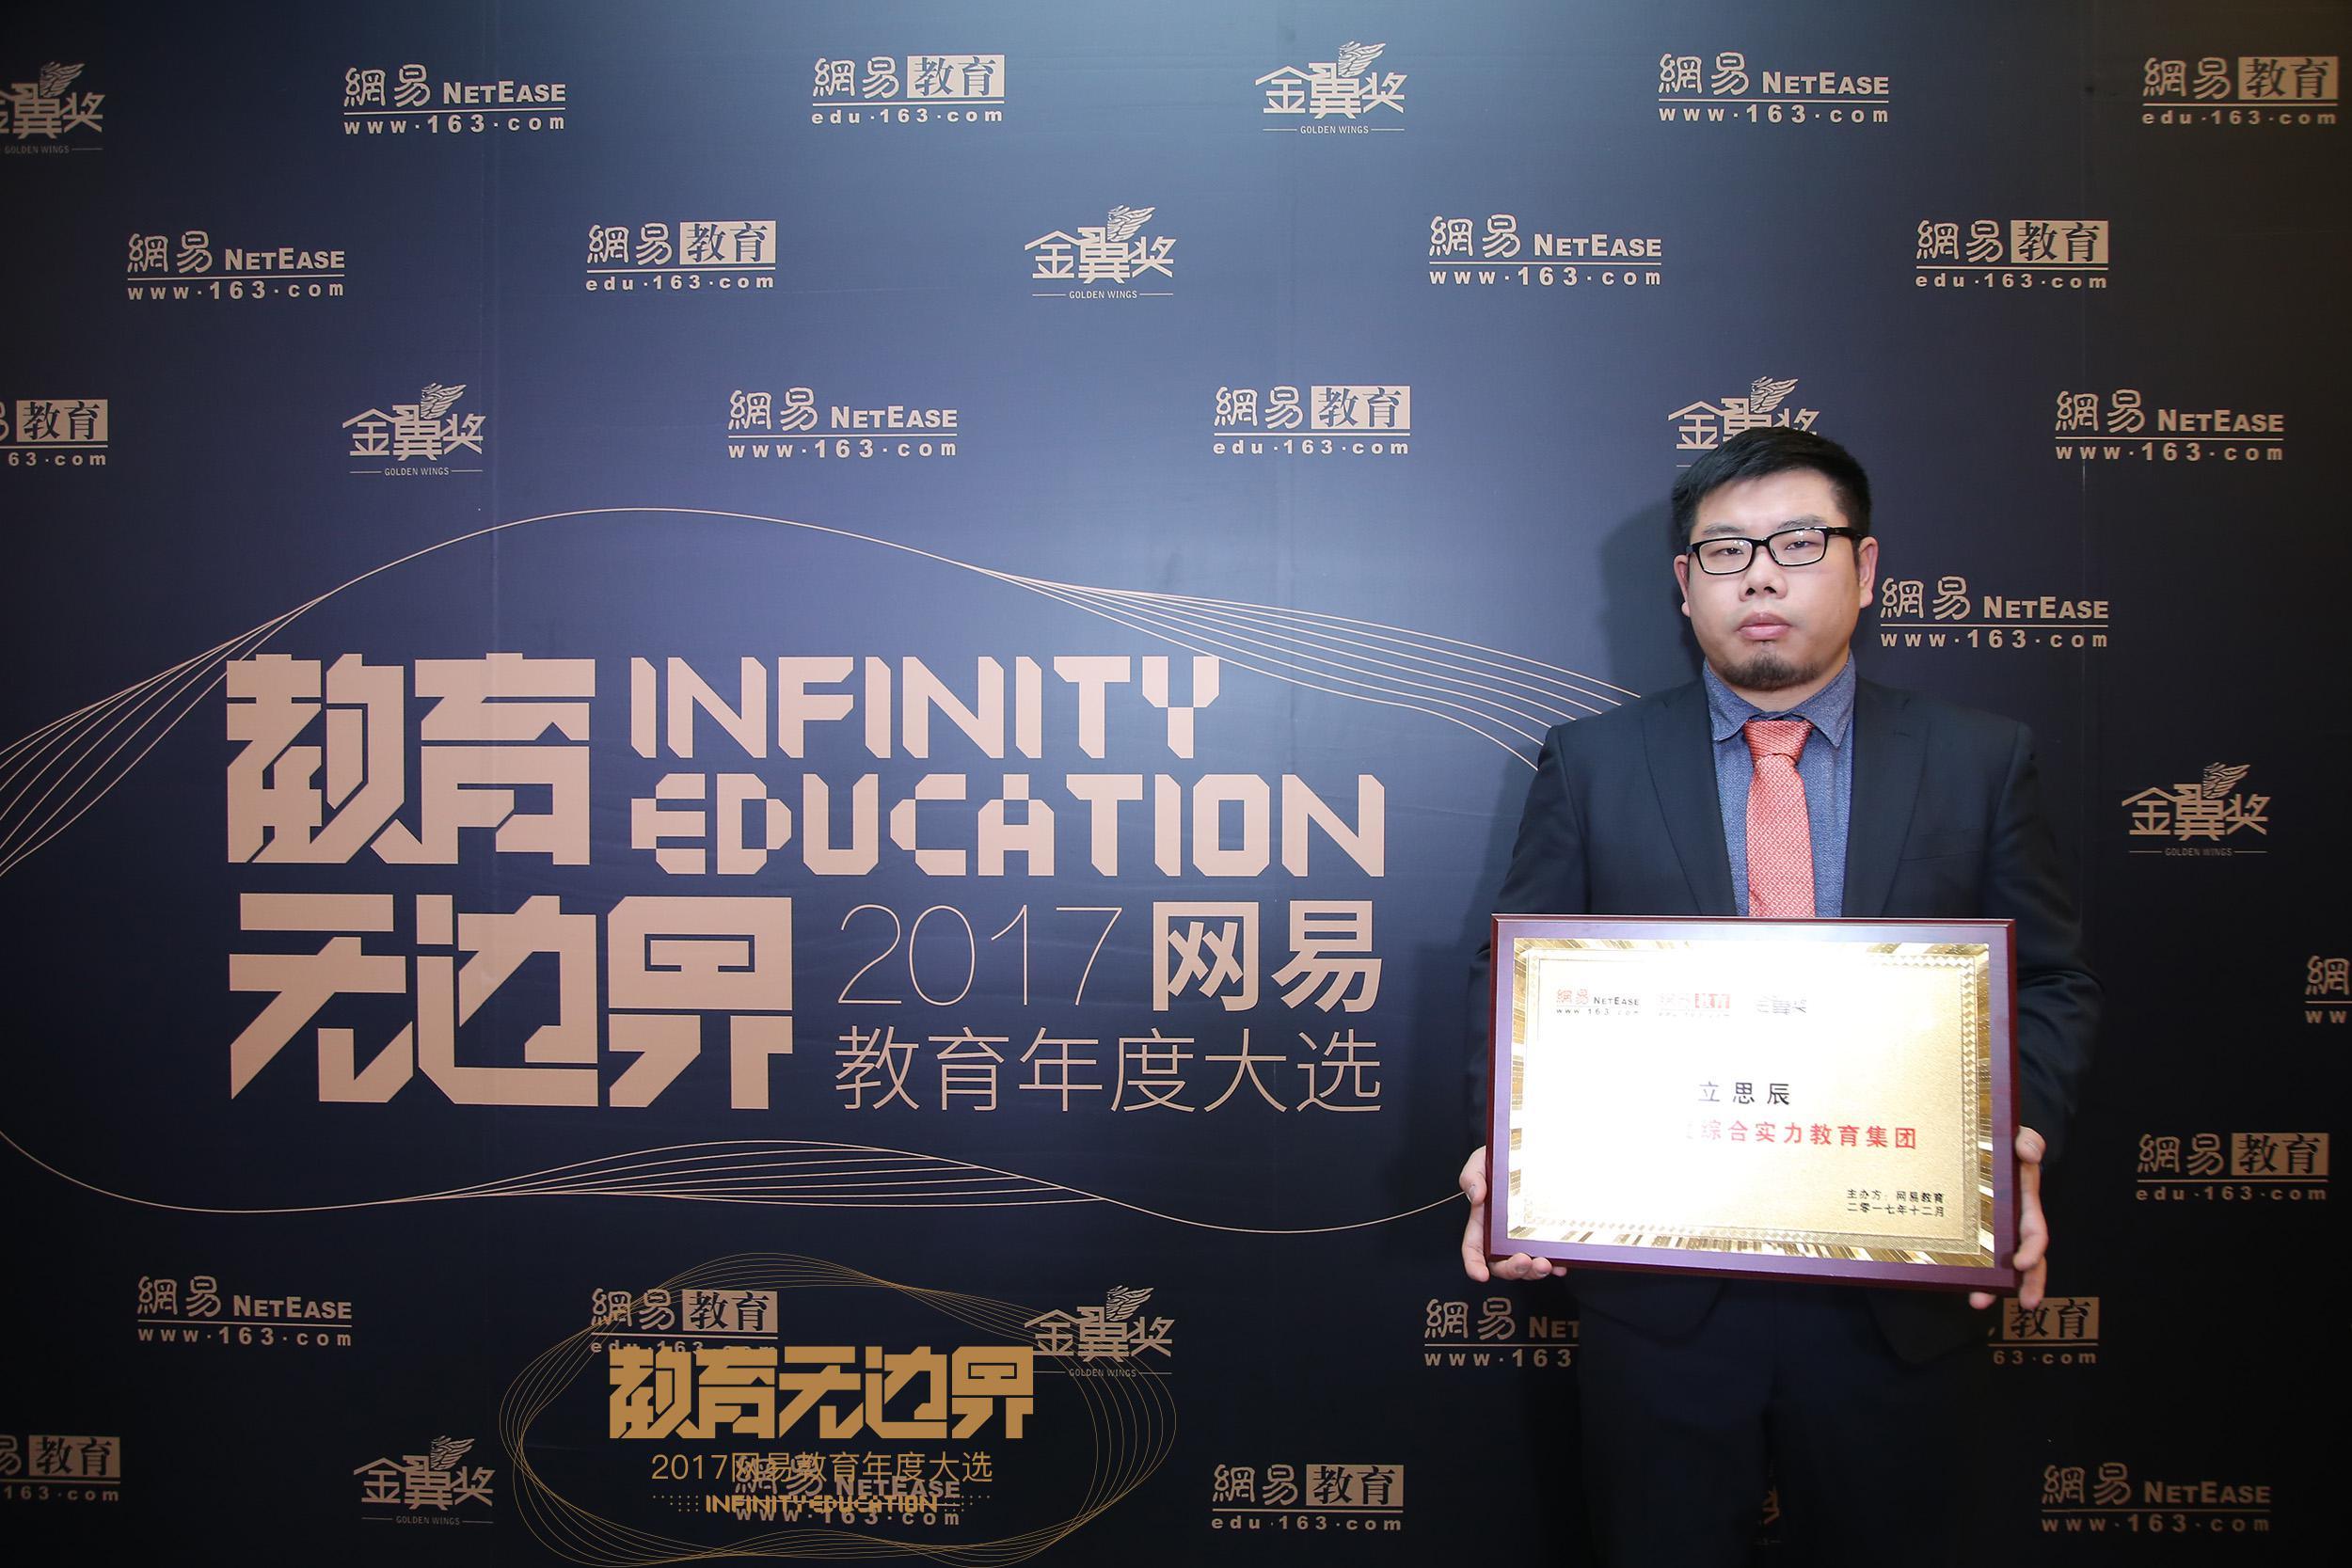 立思辰王羽佳:以科技和人文改变教育是历史使命